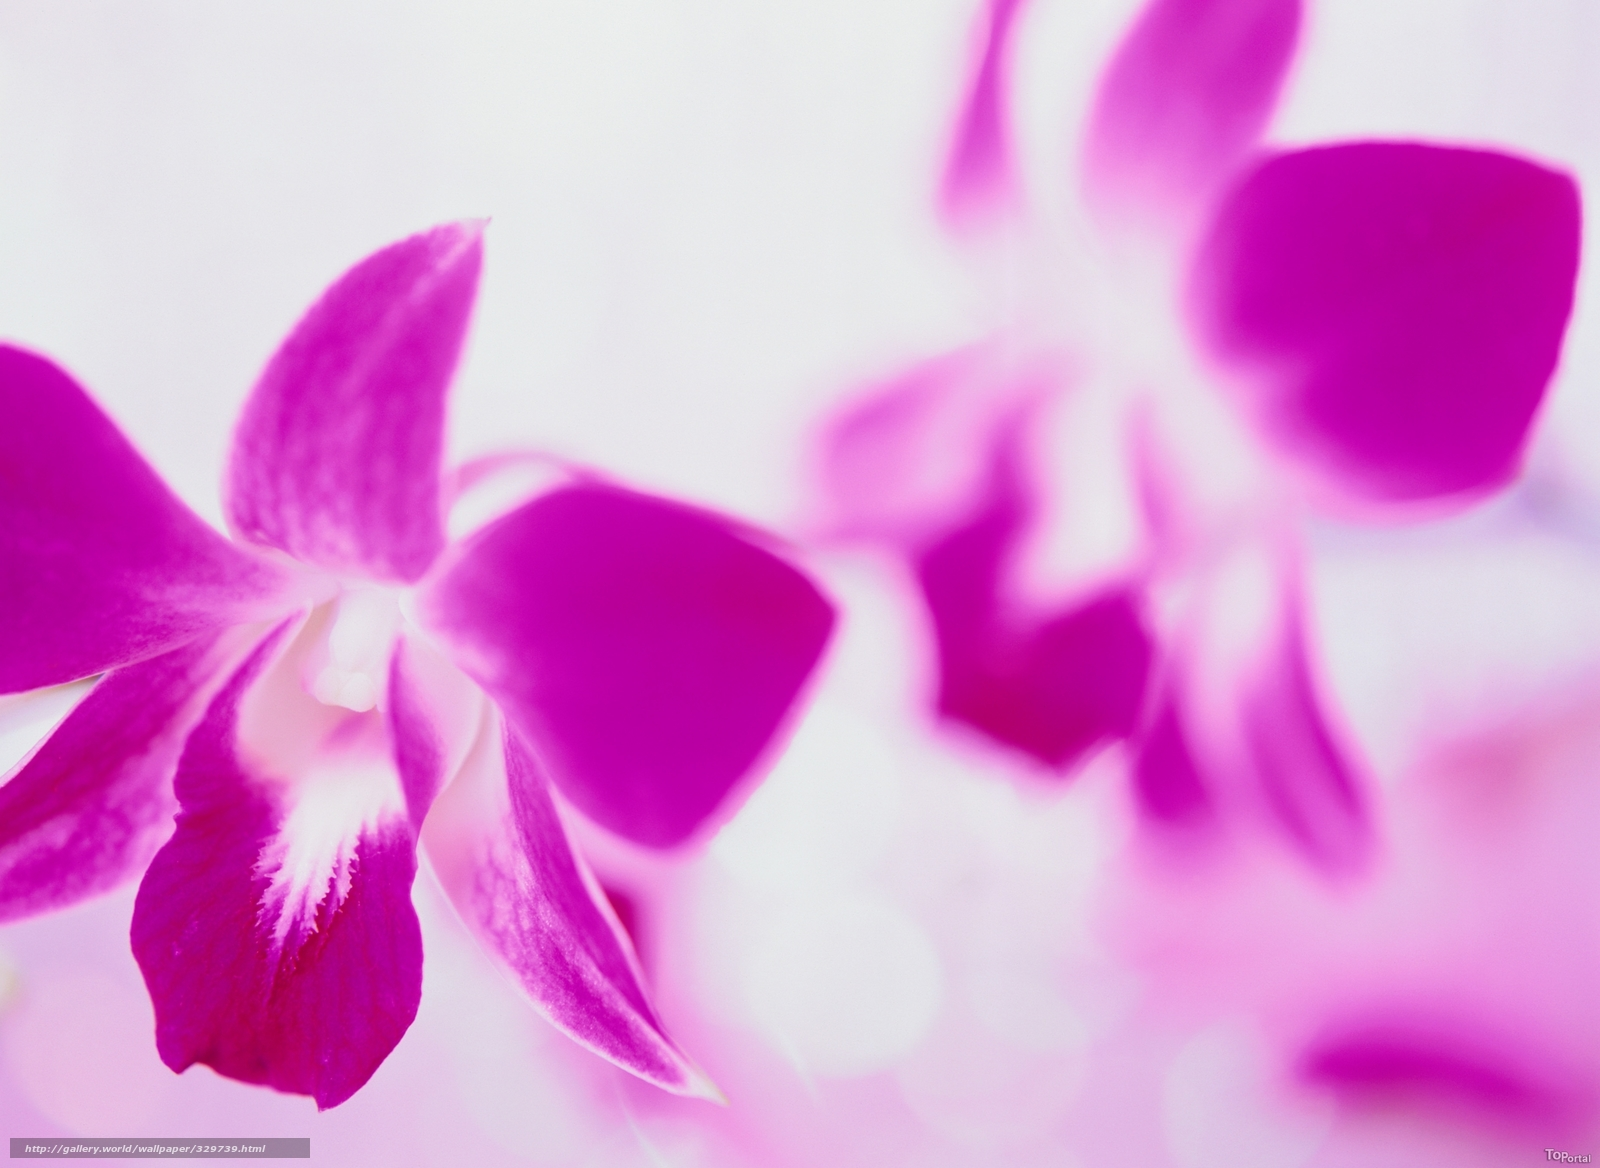 Dark purple floral background